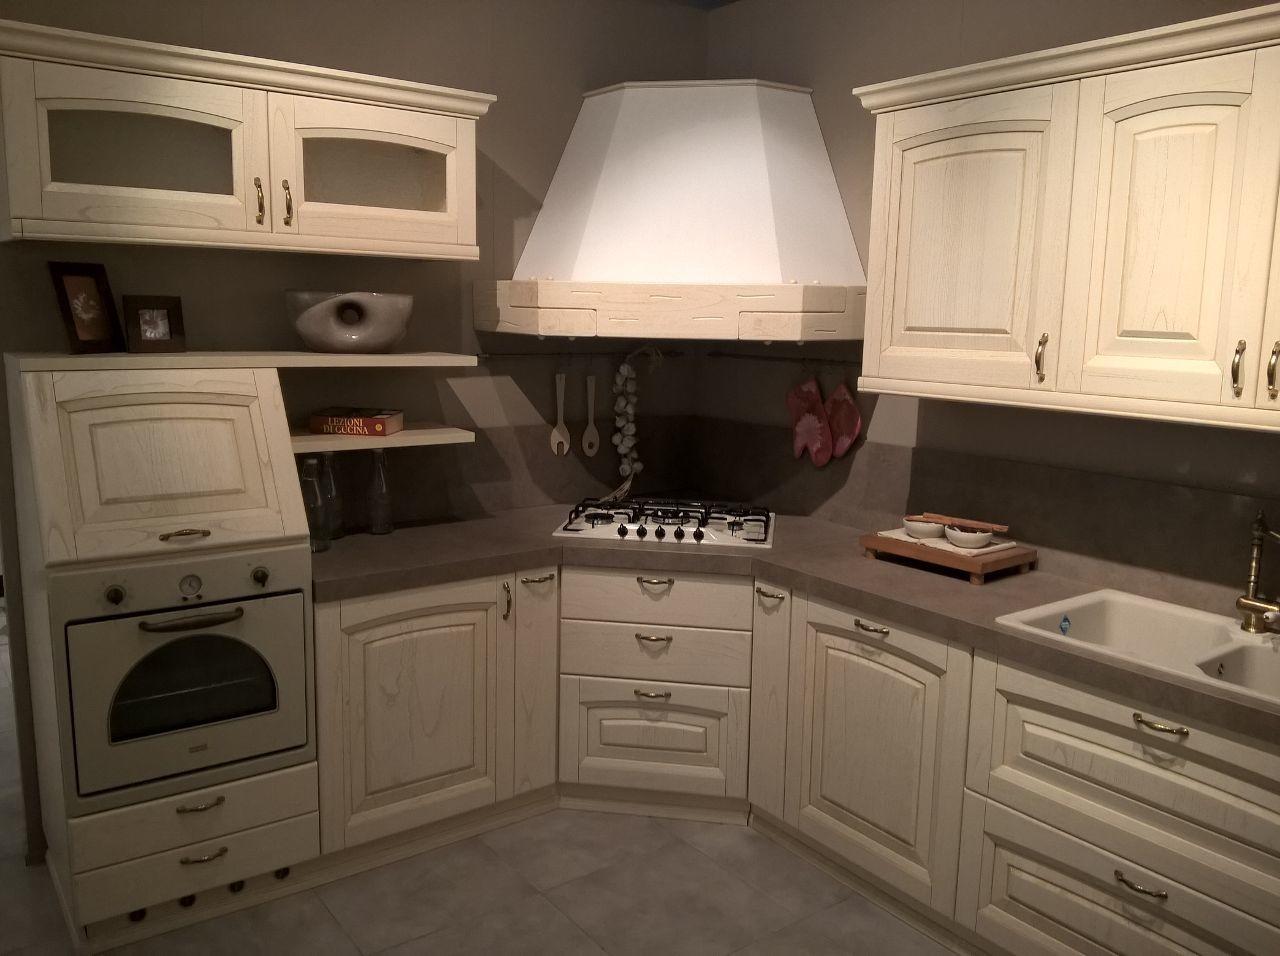 Promozioni cucine e arredamento centro cucine for Cat berro arredamenti